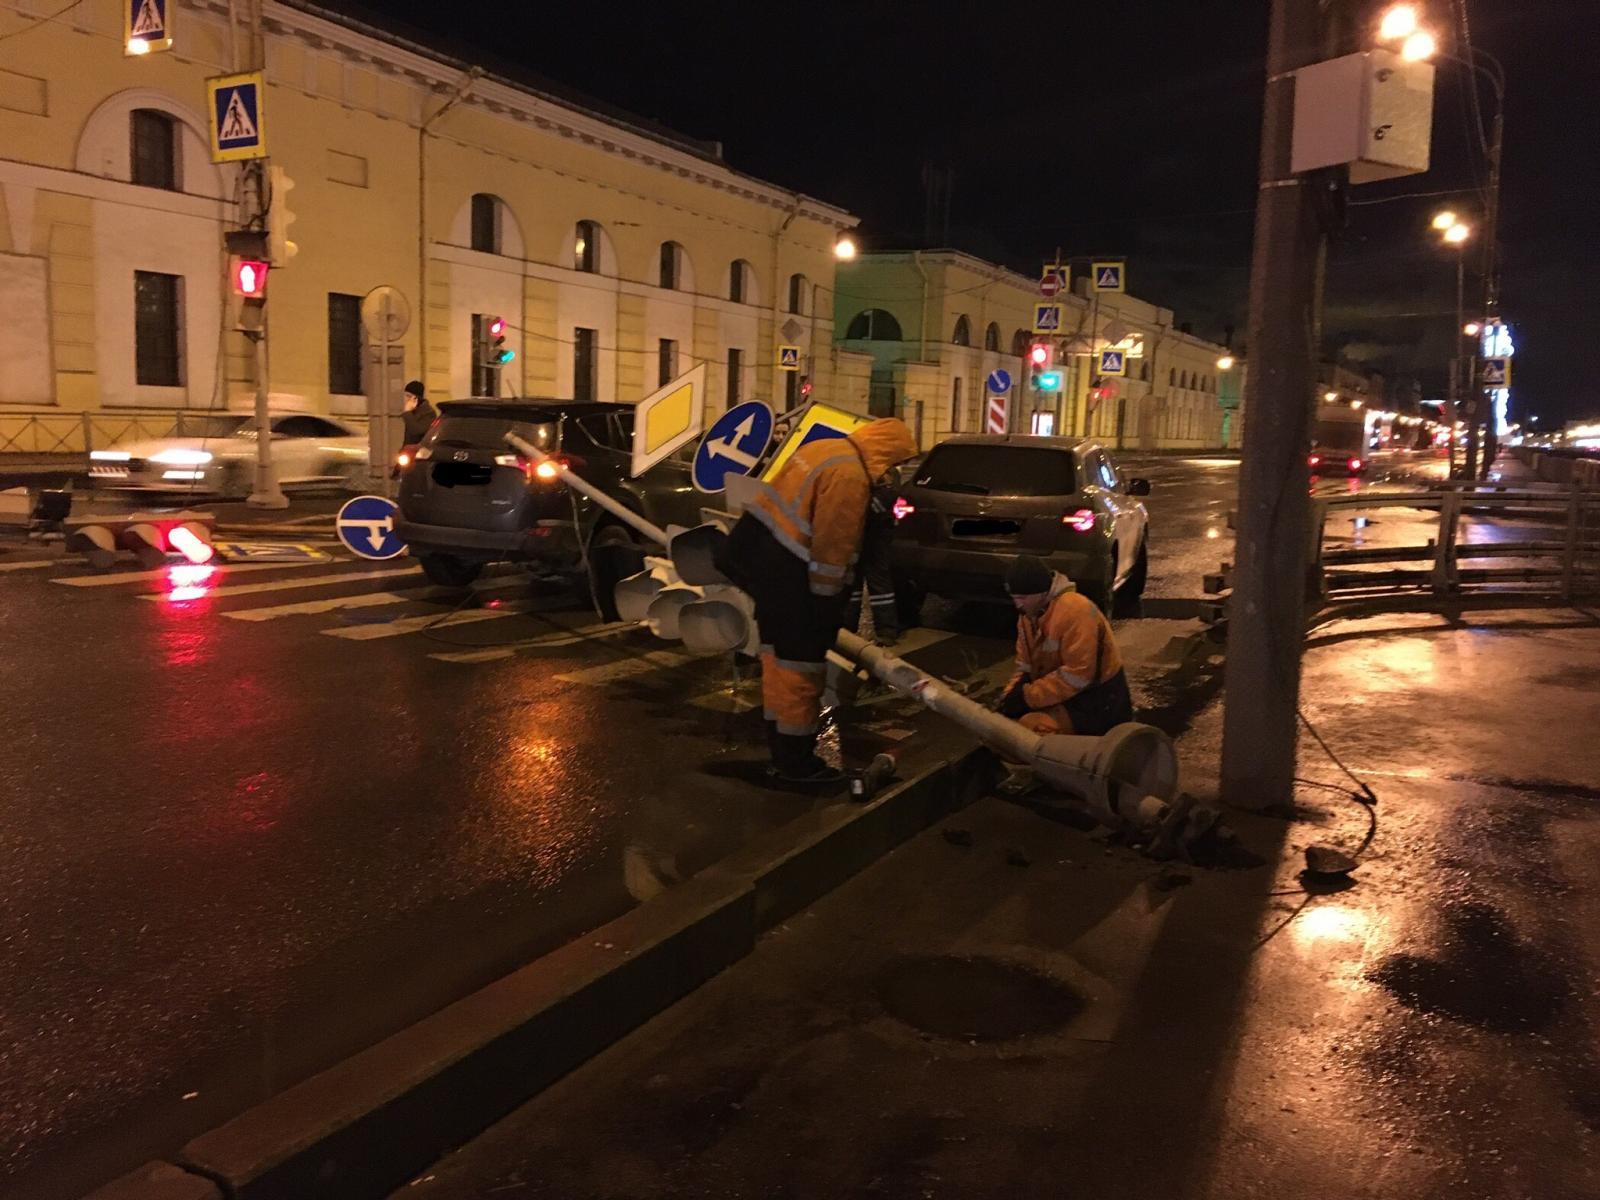 В Фокинском районе автомобиль сбил дорожный знак, светофор и рекламный щит